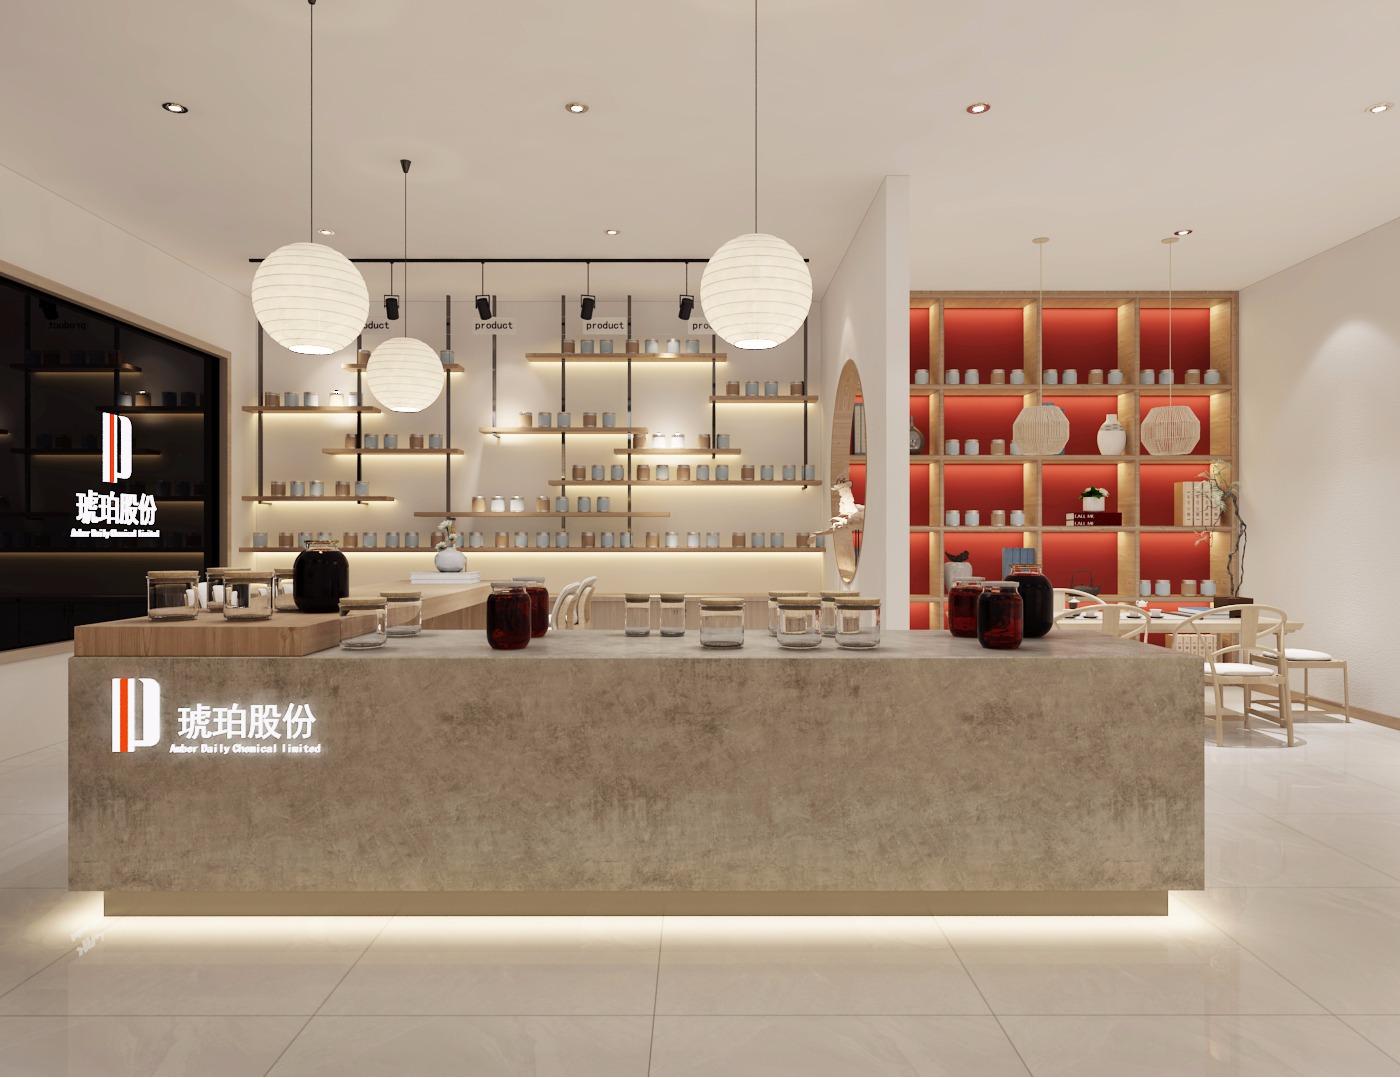 日化展厅设计香精香料展厅设计公装效果图设计展厅设计